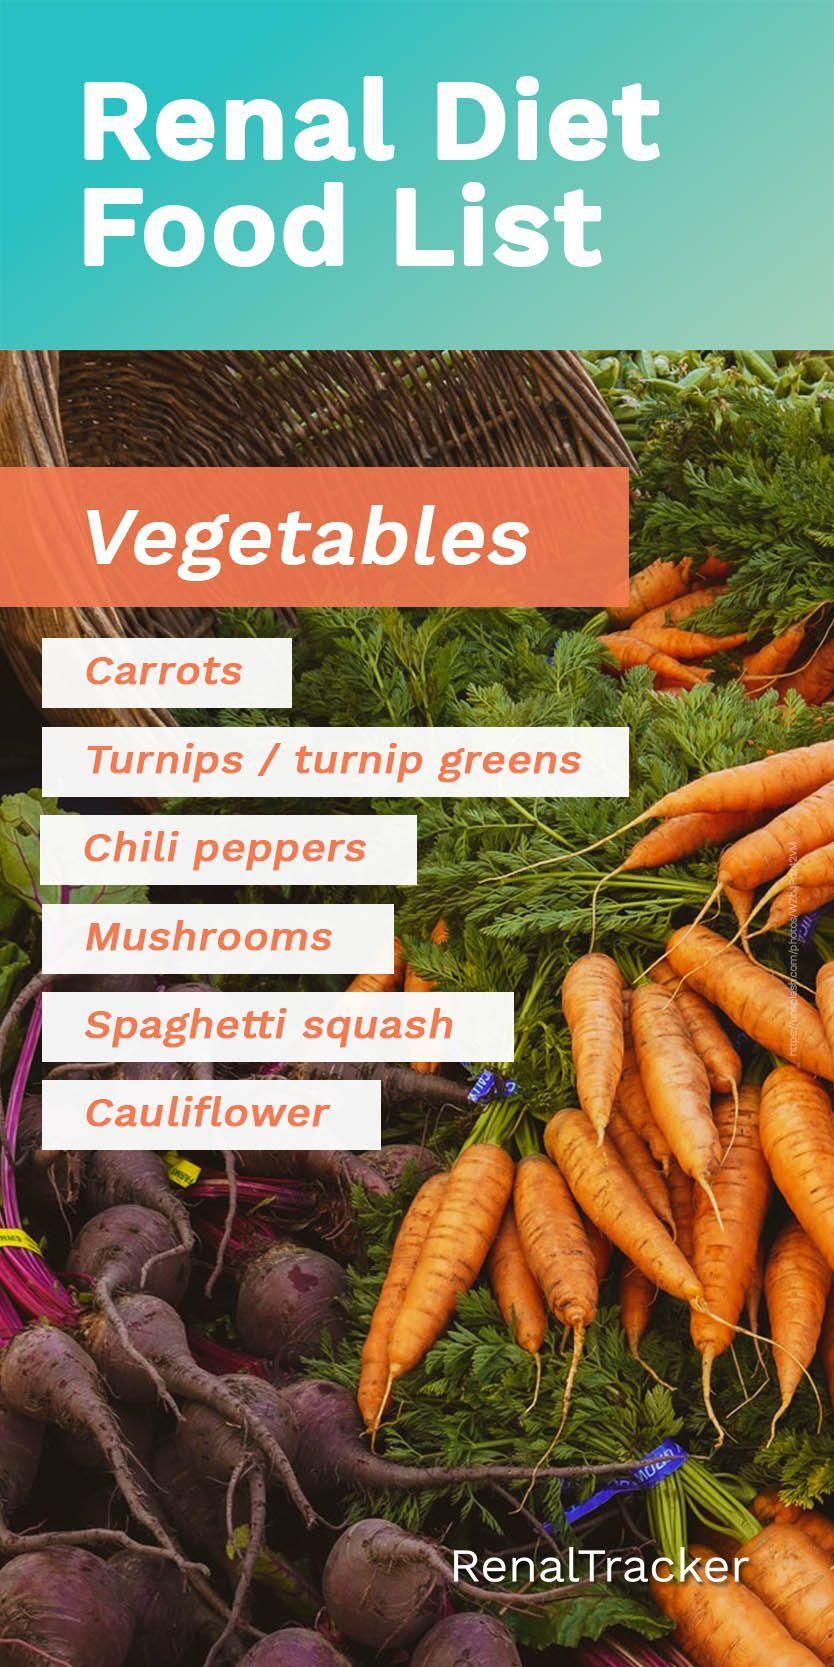 Kidney Friendly Vegetable Food List In 2020 Renal Diet Renal Diet Recipes Kidney Disease Diet Recipes